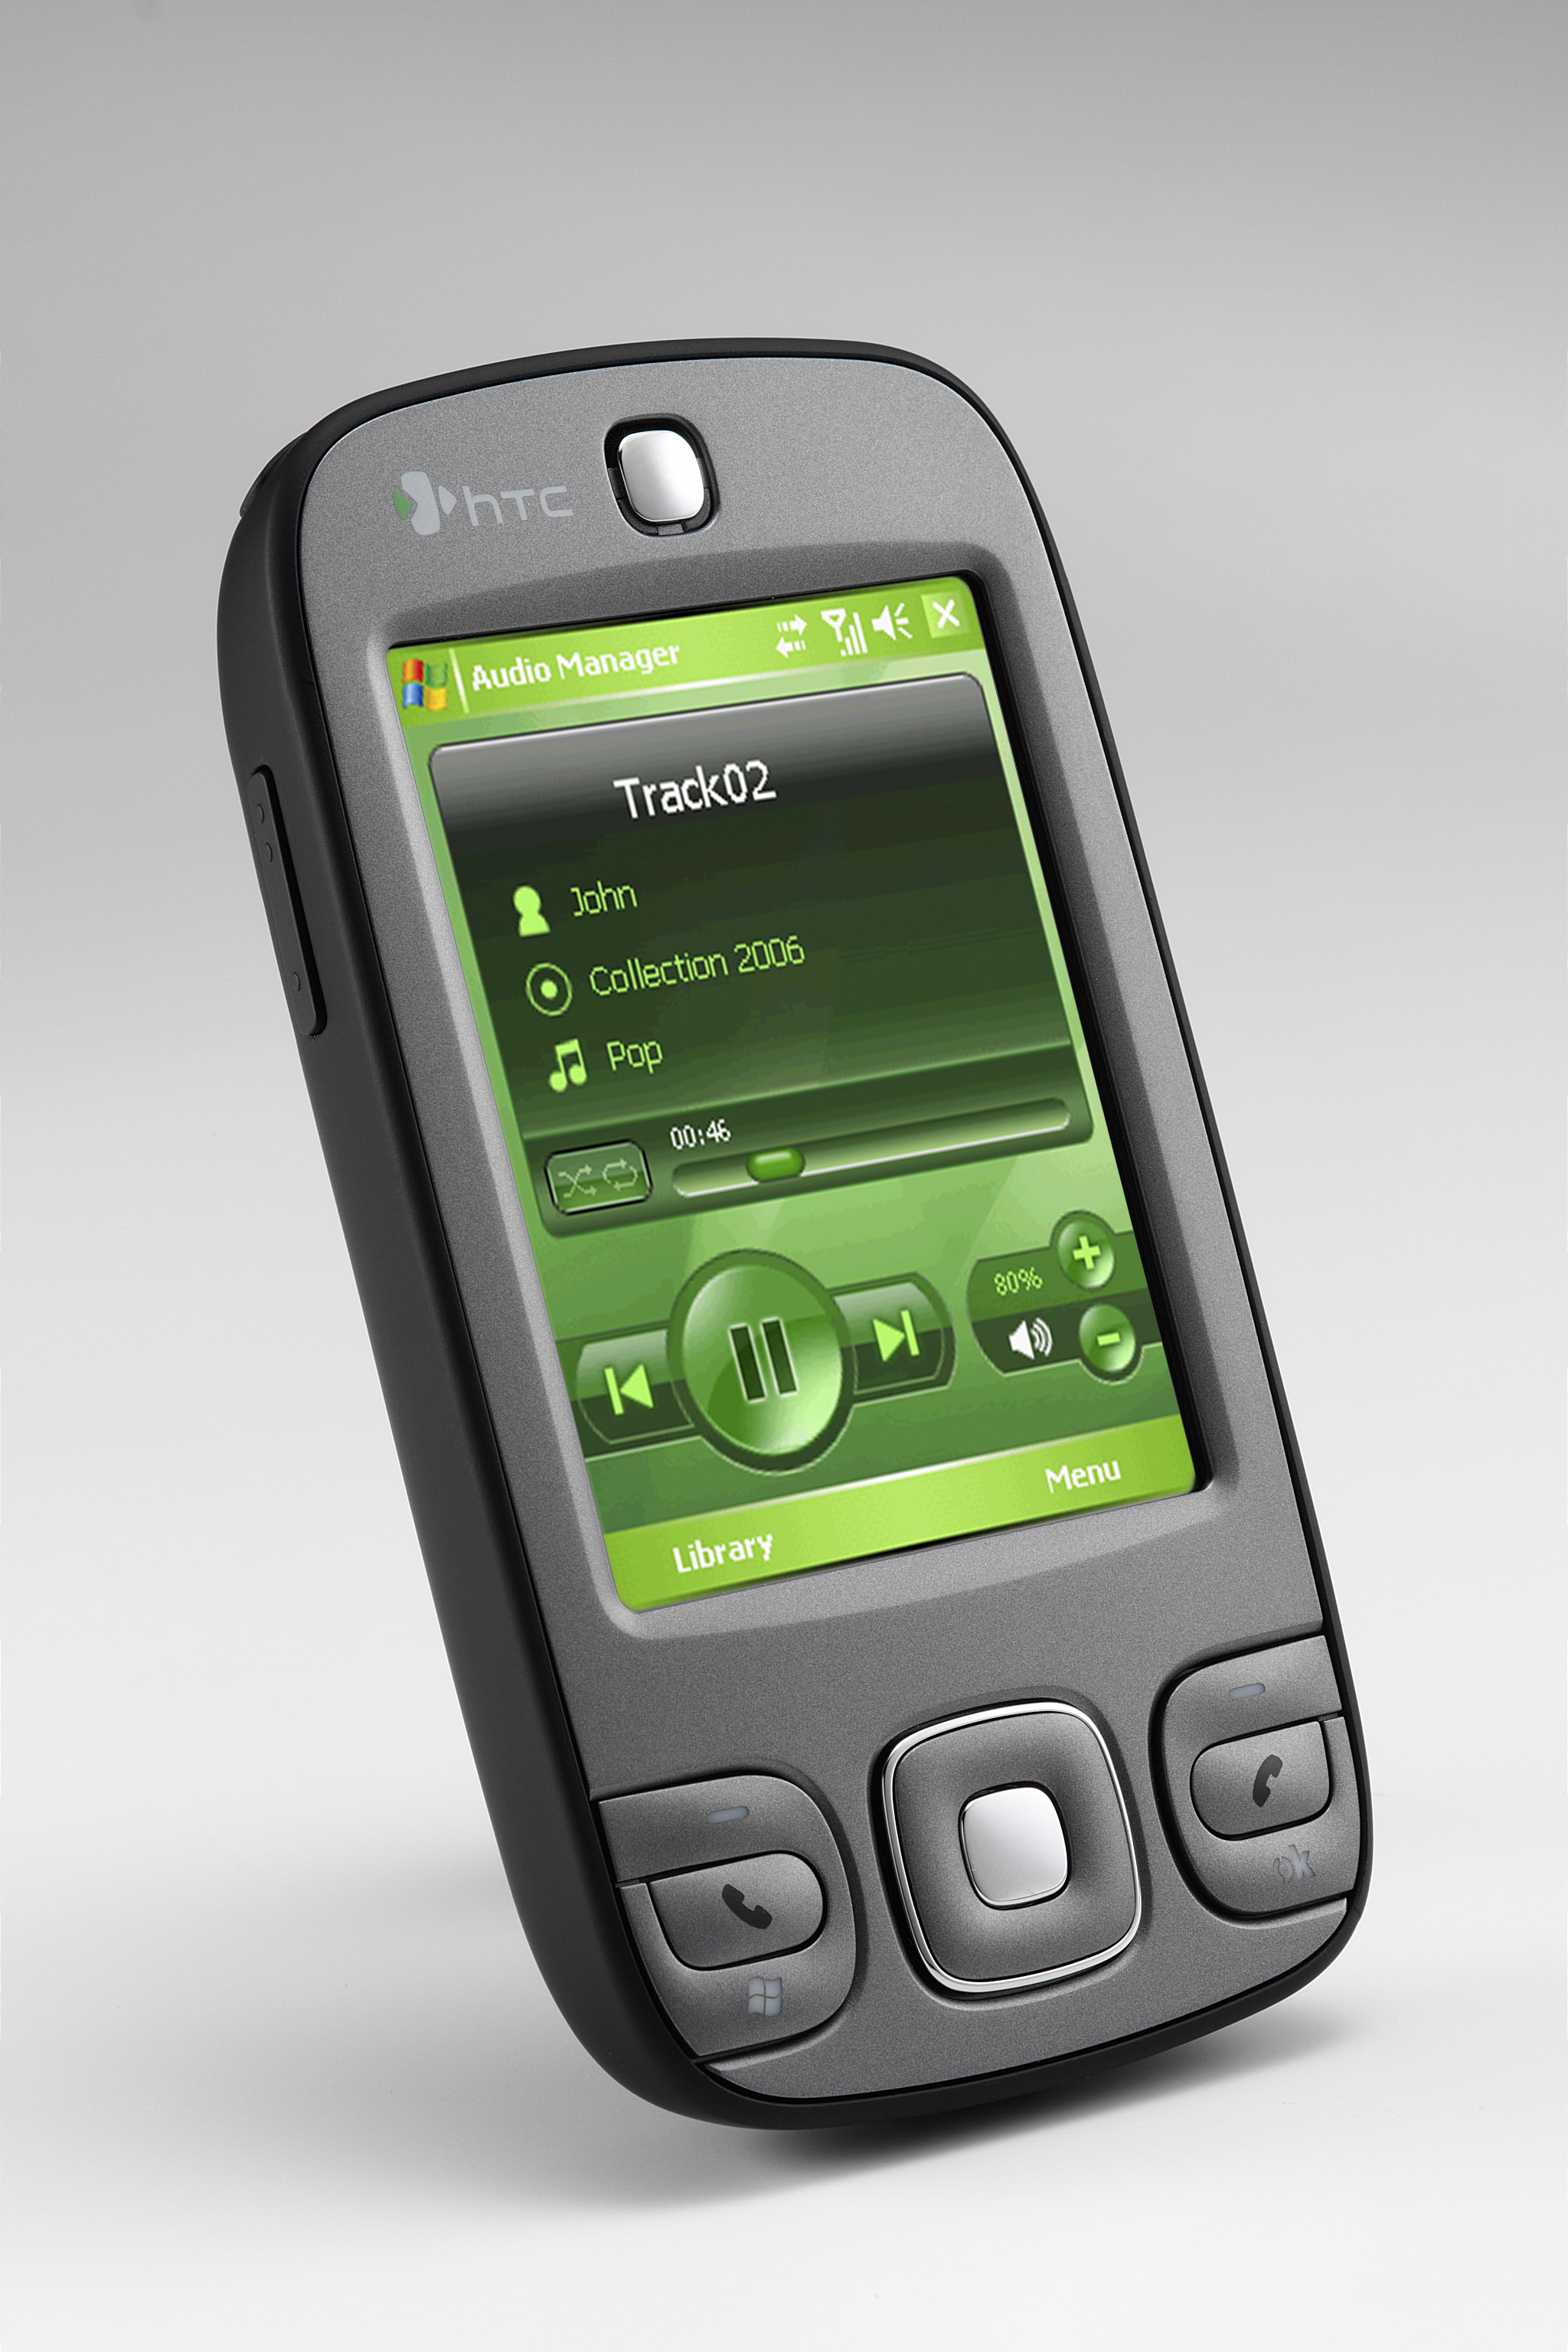 HTC P3400 Image